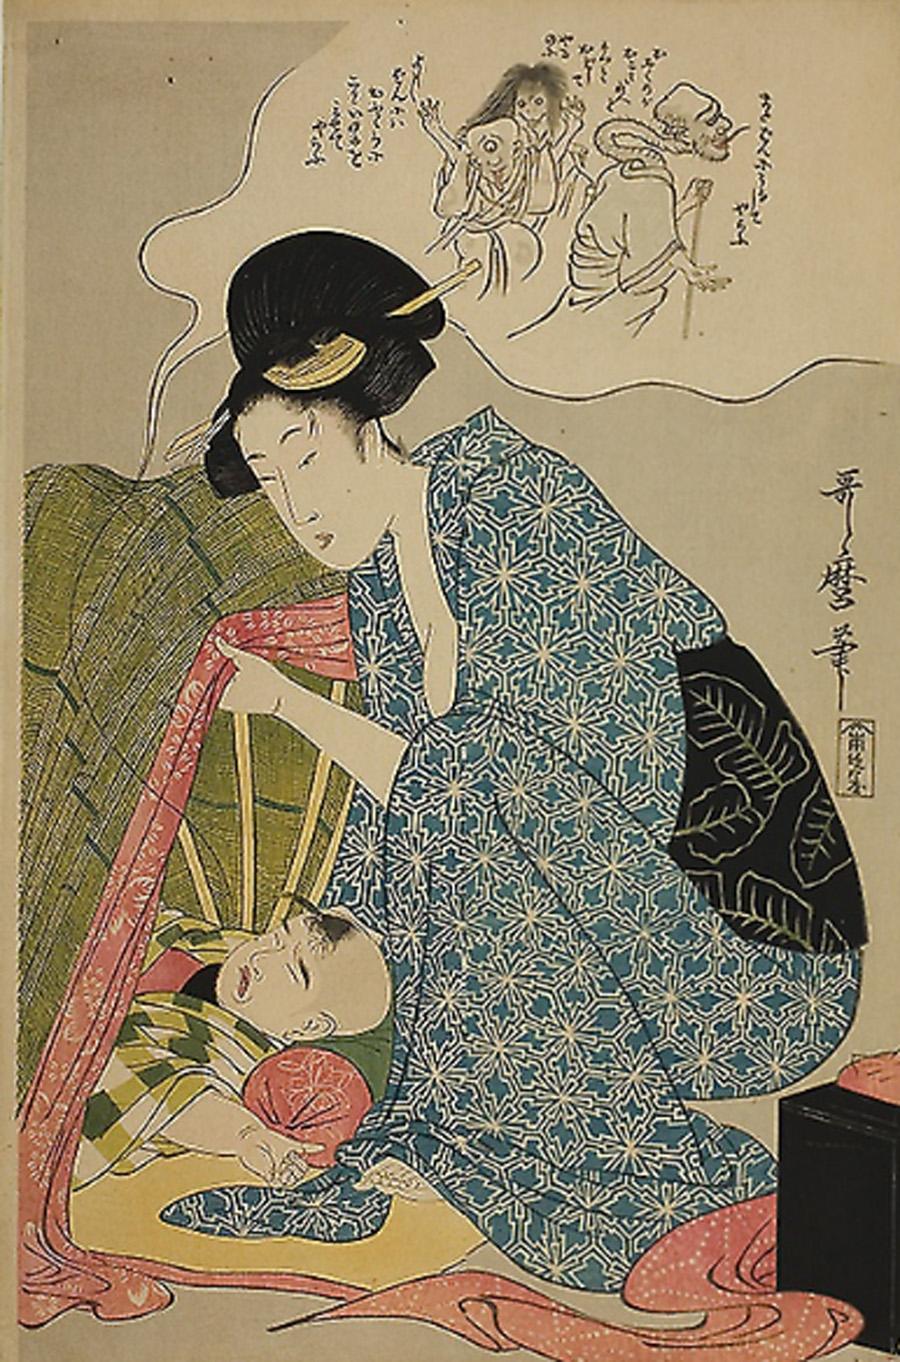 化物の夢 画:喜多川歌麿 シカゴ美術館所蔵